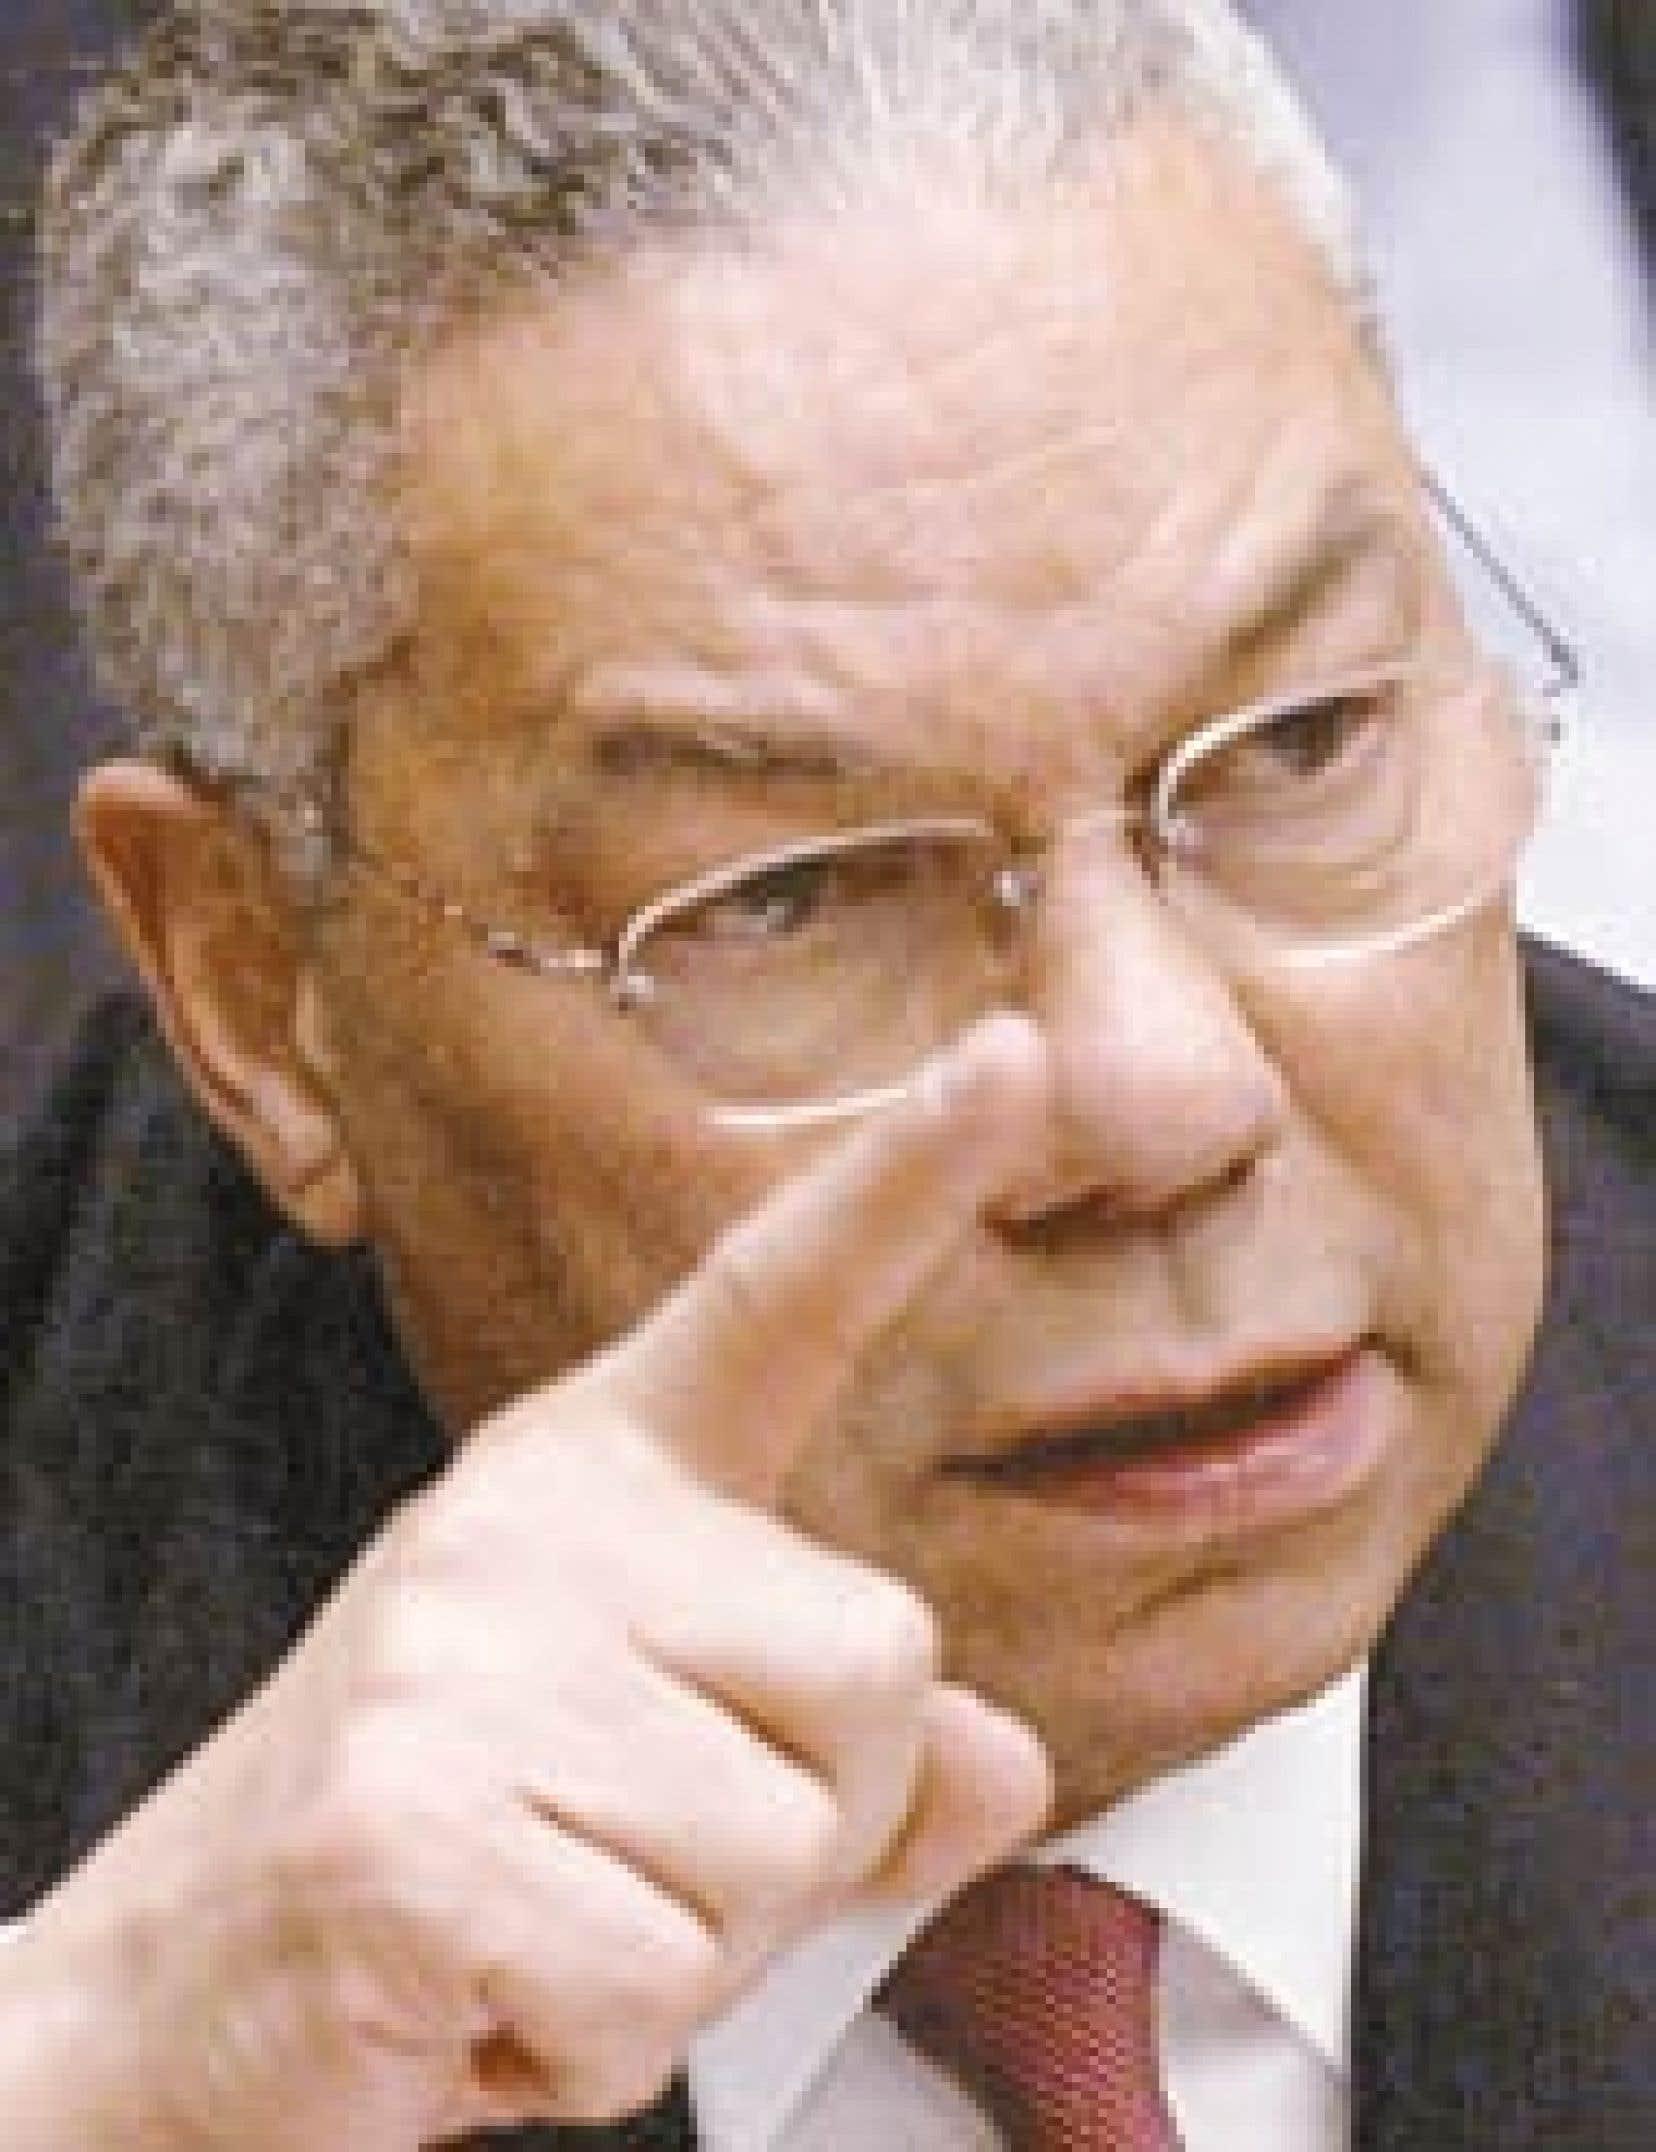 Pendant près de 90 minutes, comme prévu, M. Powell a aligné des faits ou des arguments visant à démontrer que depuis le retour des inspecteurs de l'ONU, en décembre dernier, les Irakiens leur cachent systématiquement des documents, du matériel